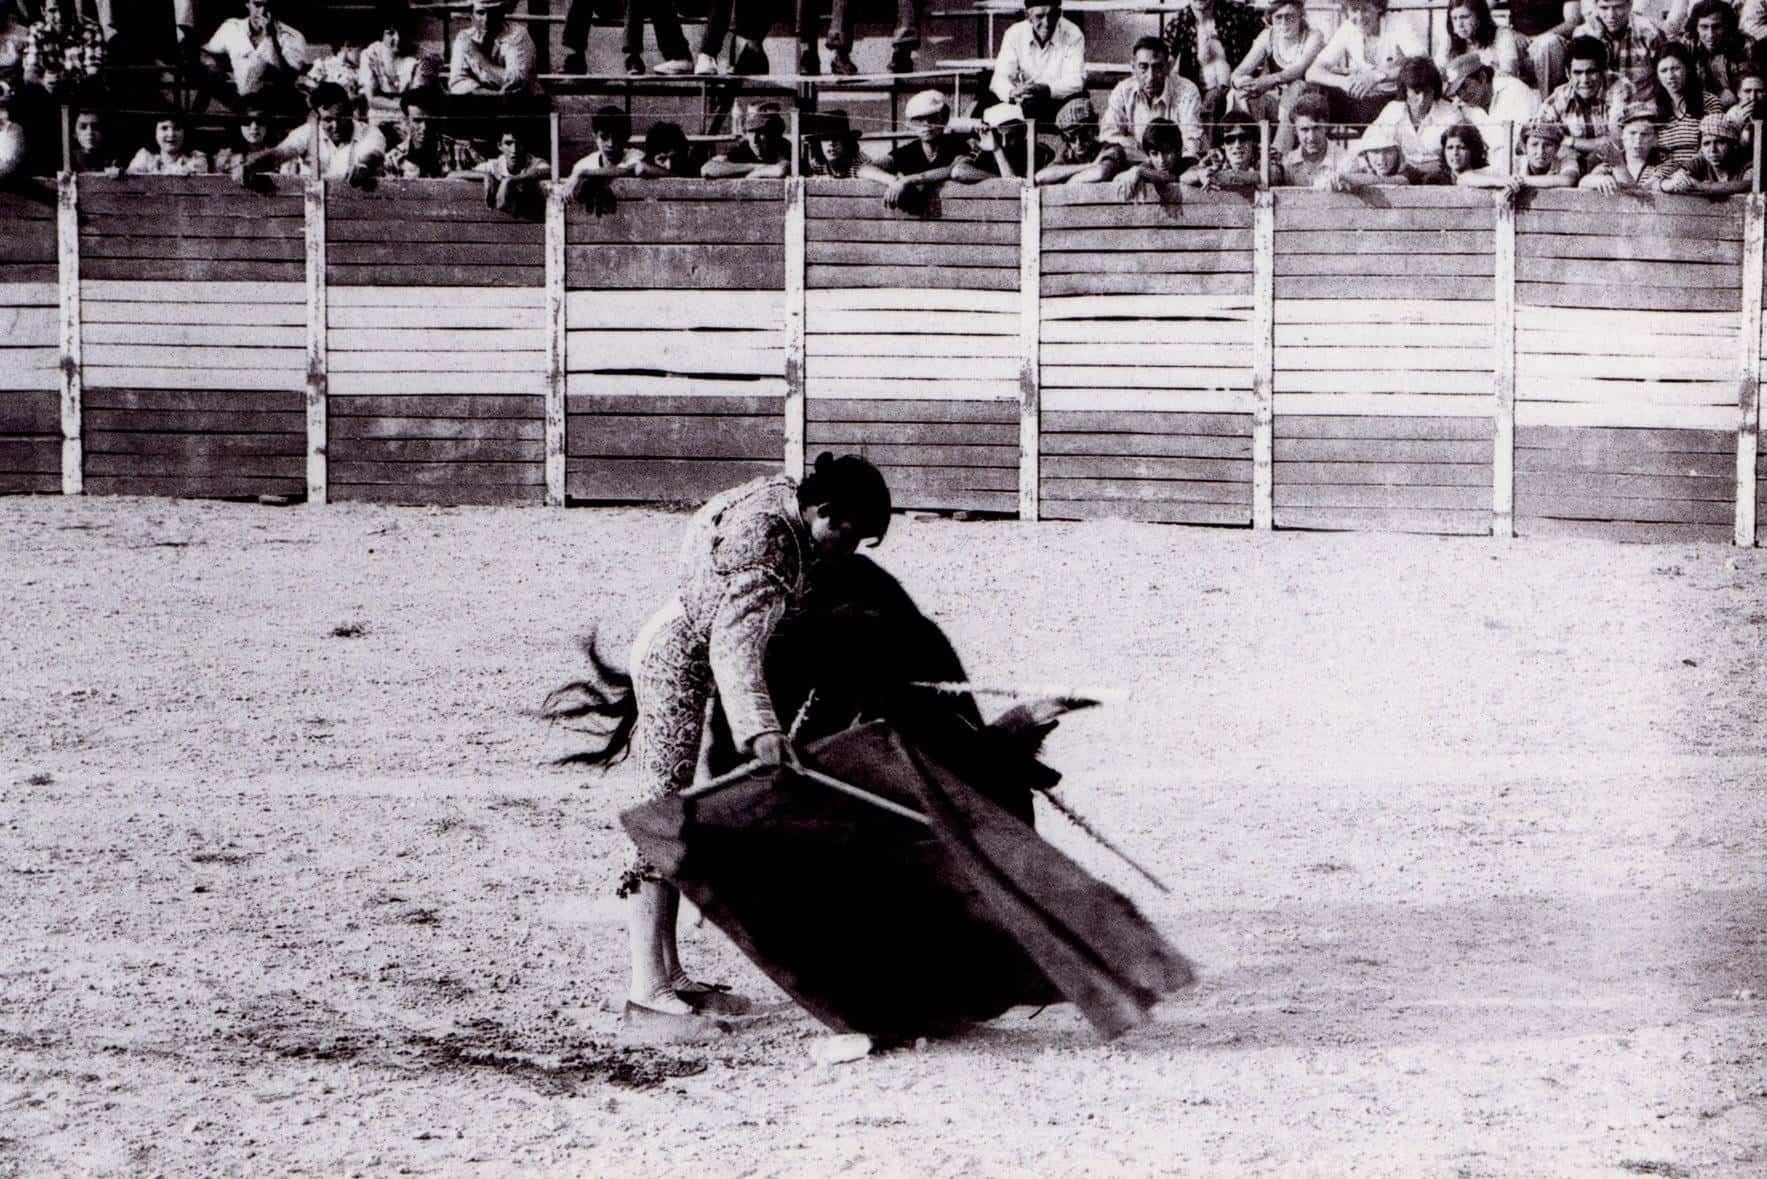 corrida de toros feria 1976 herencia 1 - Fotografías antiguas de Carnaval y Feria de Herencia de 1976